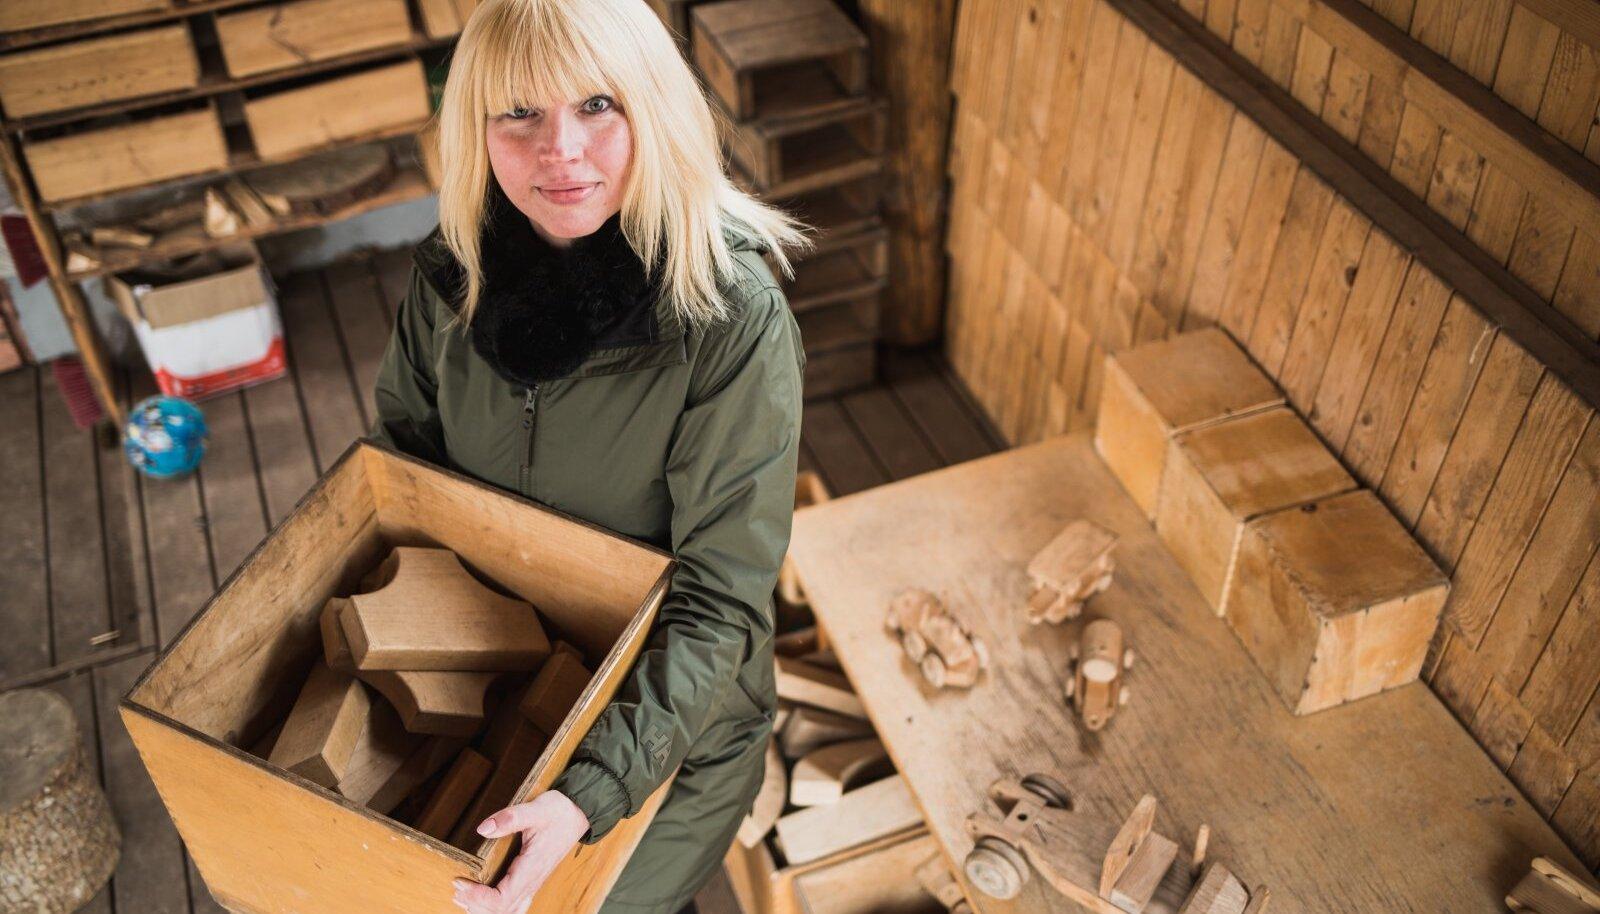 Tartu Luterliku Peetri kooli haldusjuht Kairi Kuusik rõõmustab puidust mänguasjade üle, mis neil õnnestus lasteaeda saada.